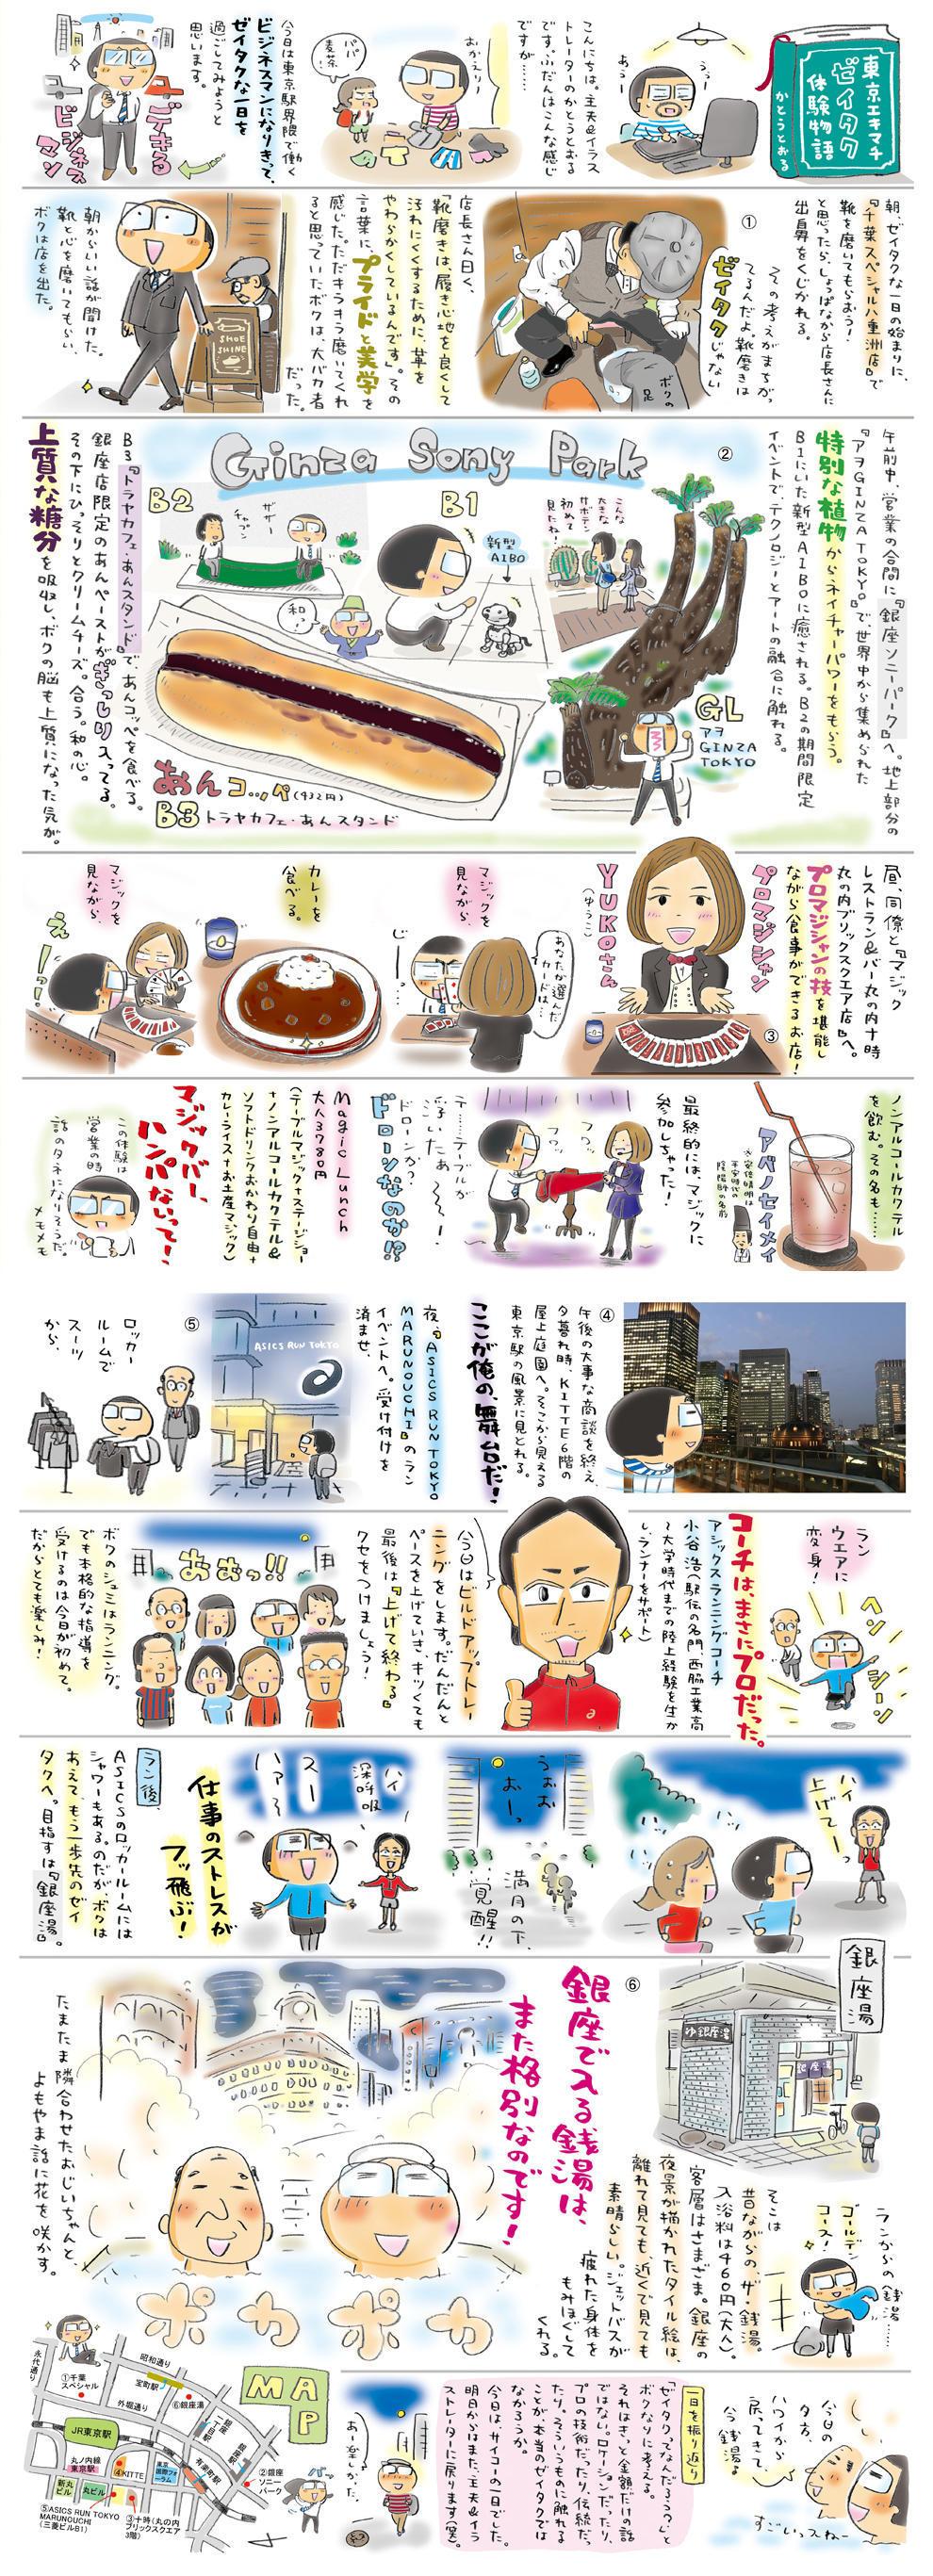 東京エキマチ ゼイタク体験物語